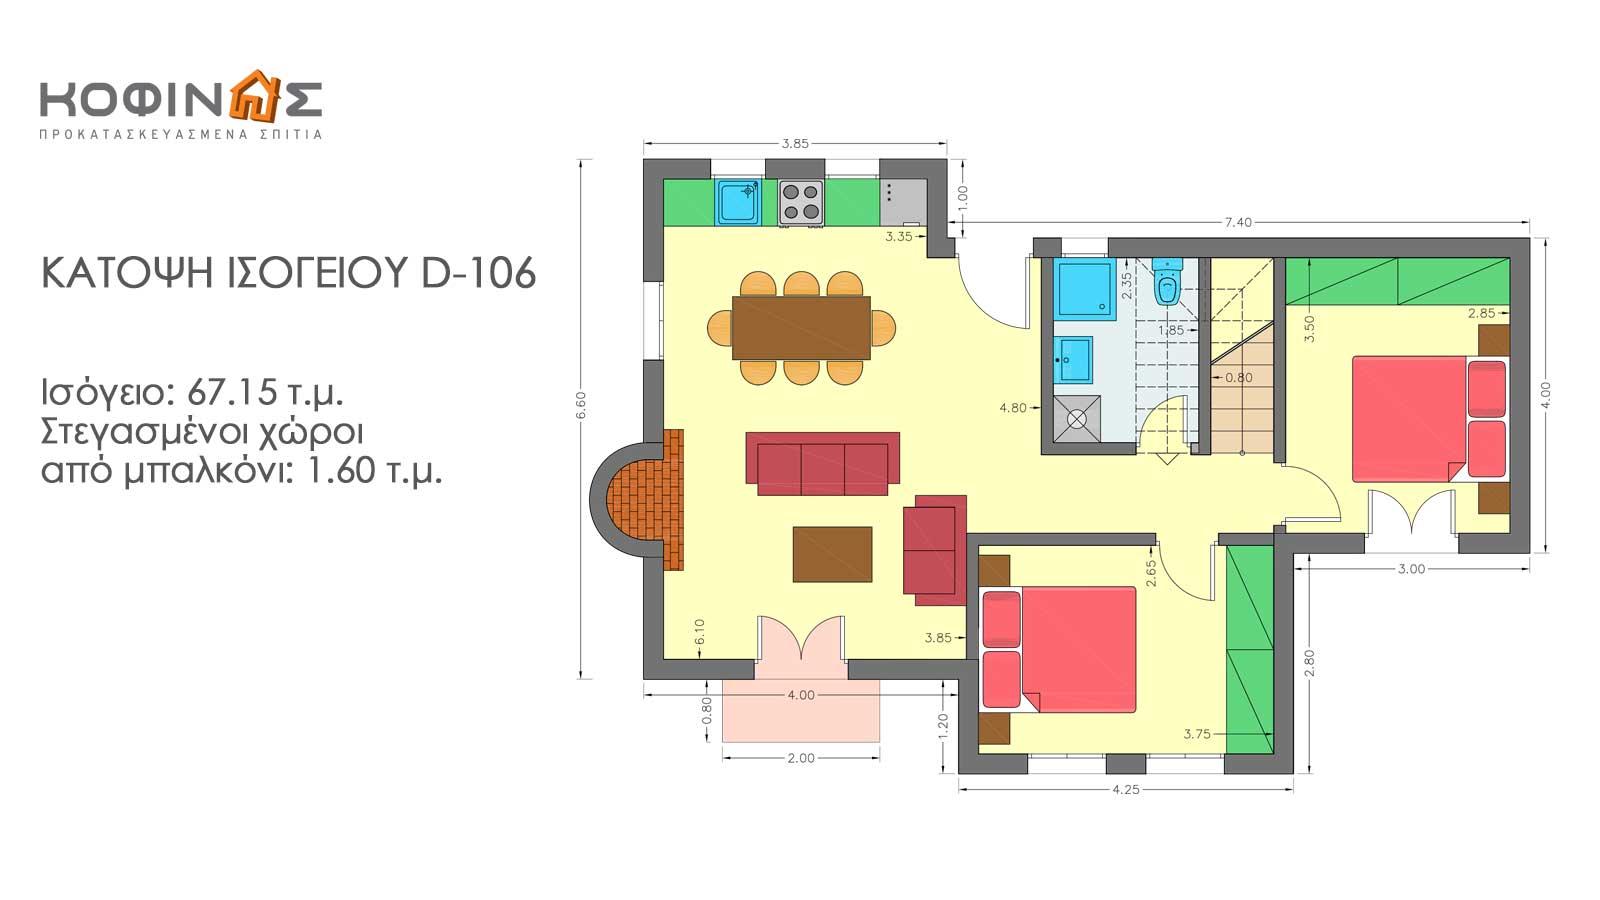 Διώροφη Κατοικία D-106, συνολικής επιφάνειας 106,95 τ.μ.